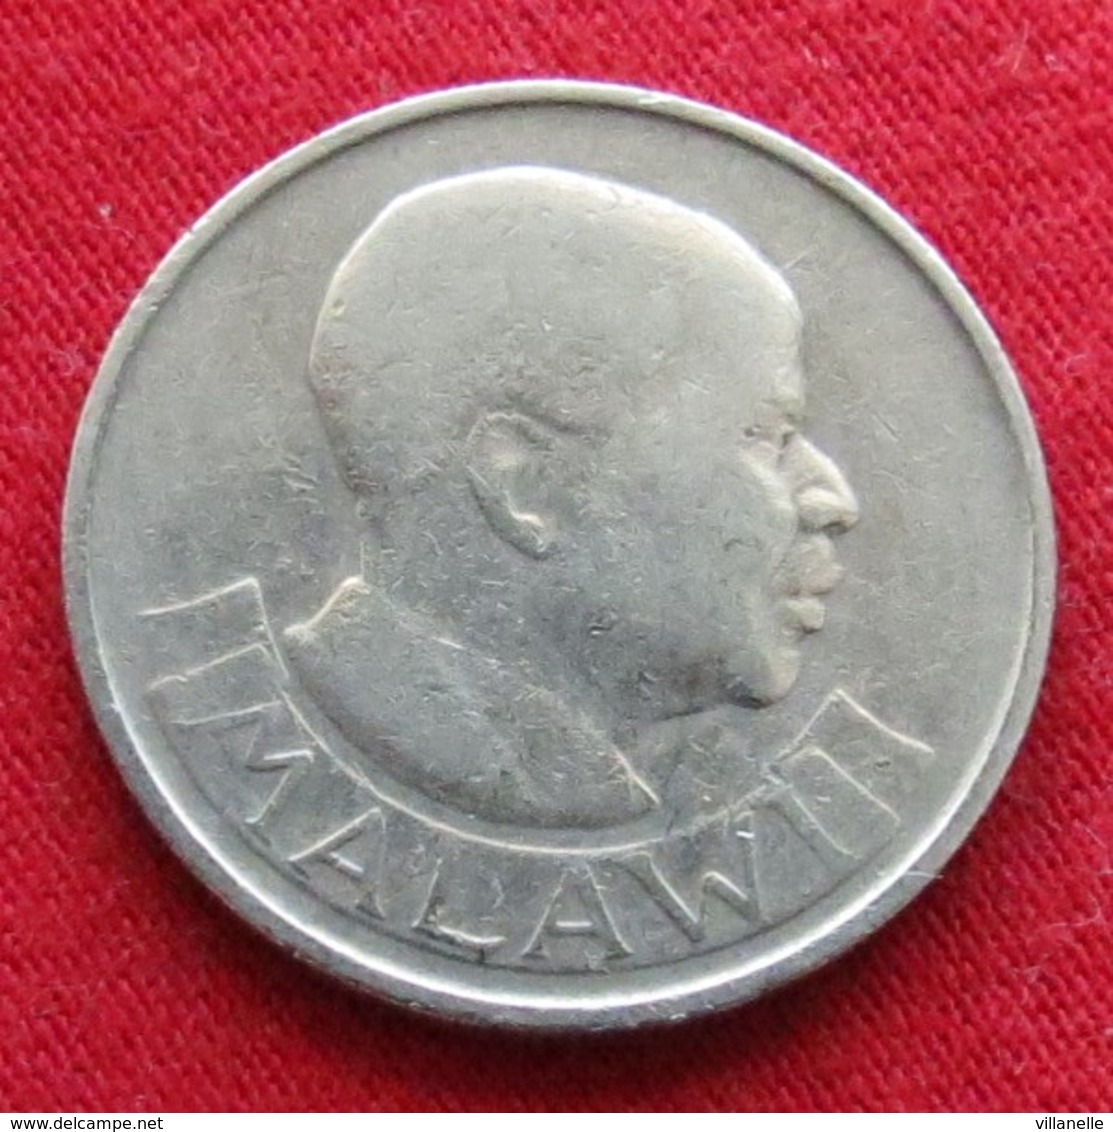 Malawi 10 Tambala 1971 KM# 10.1 - Malawi